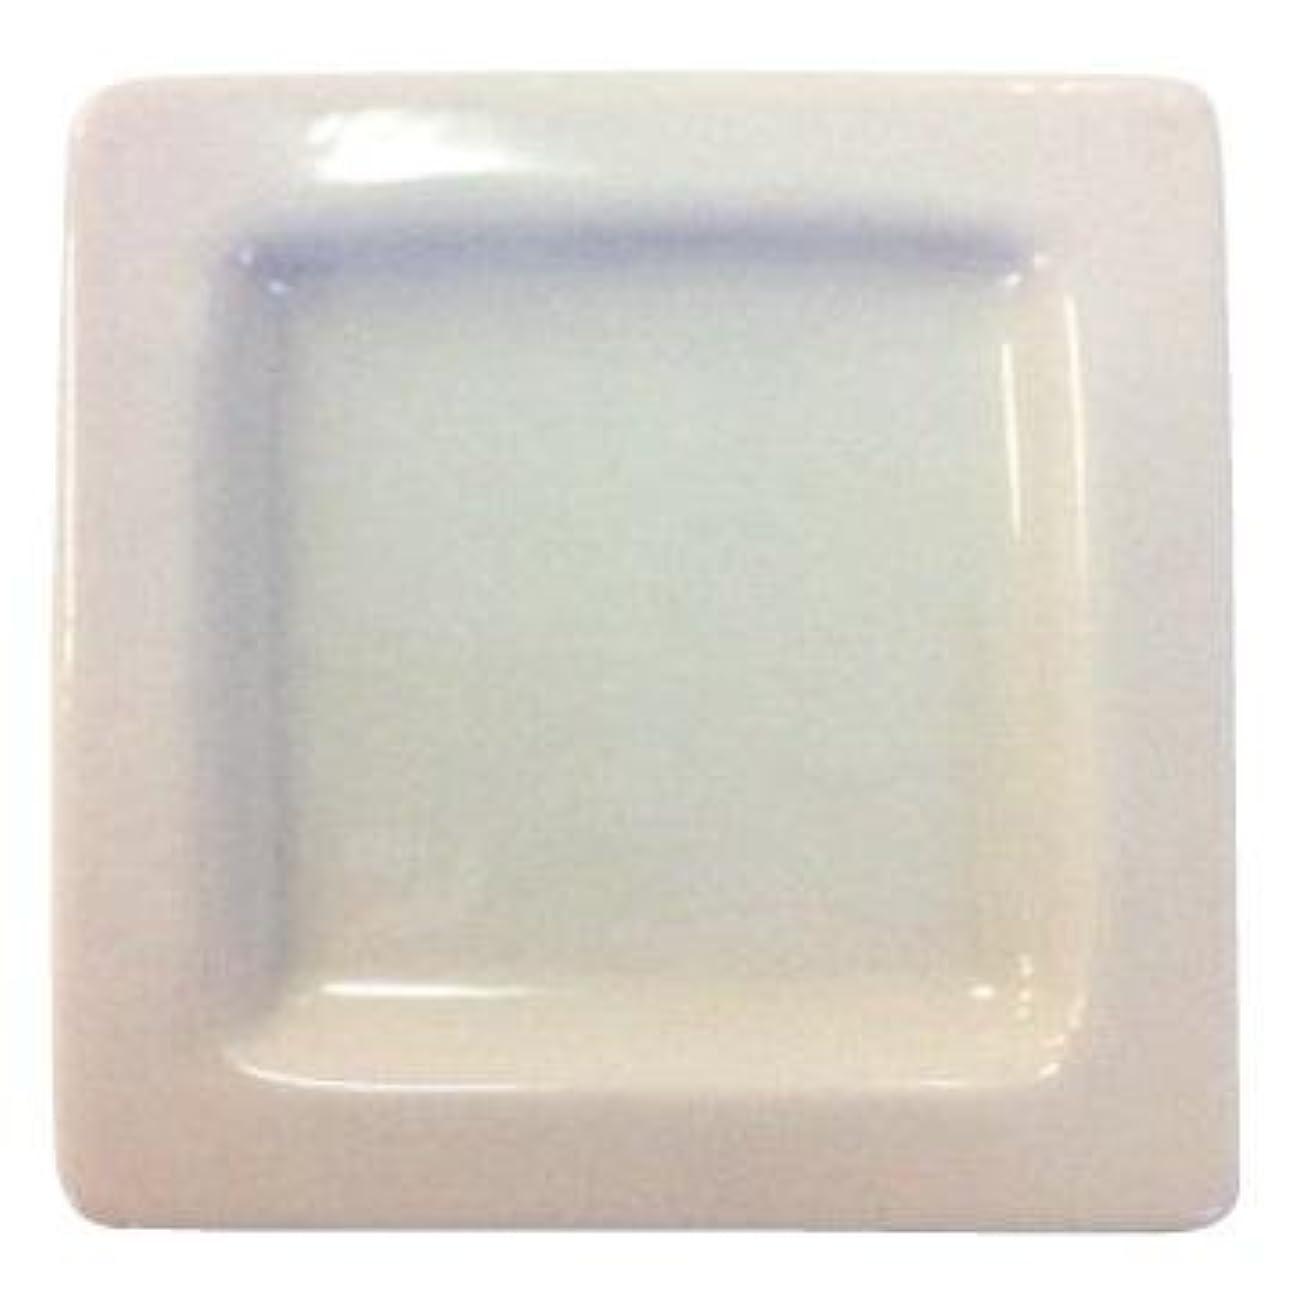 基本的な練習意識的生活の木 アロマランプL アイビー用精油皿(上皿)